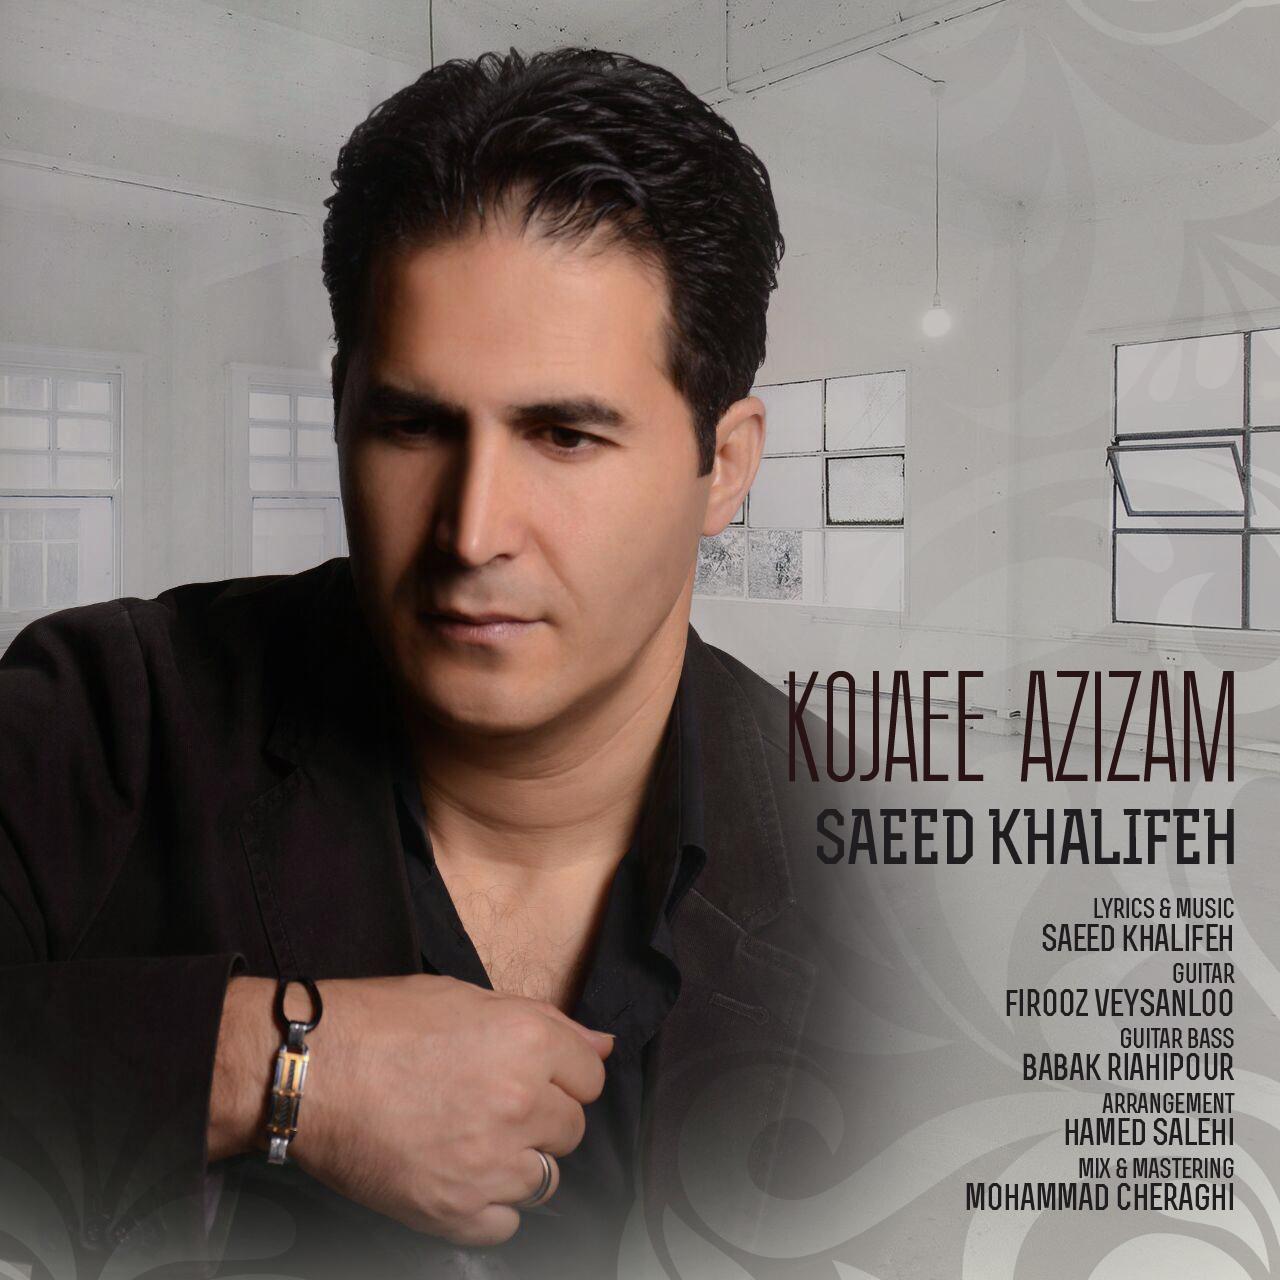 Saeed Khalifeh – Kojaee Azizam